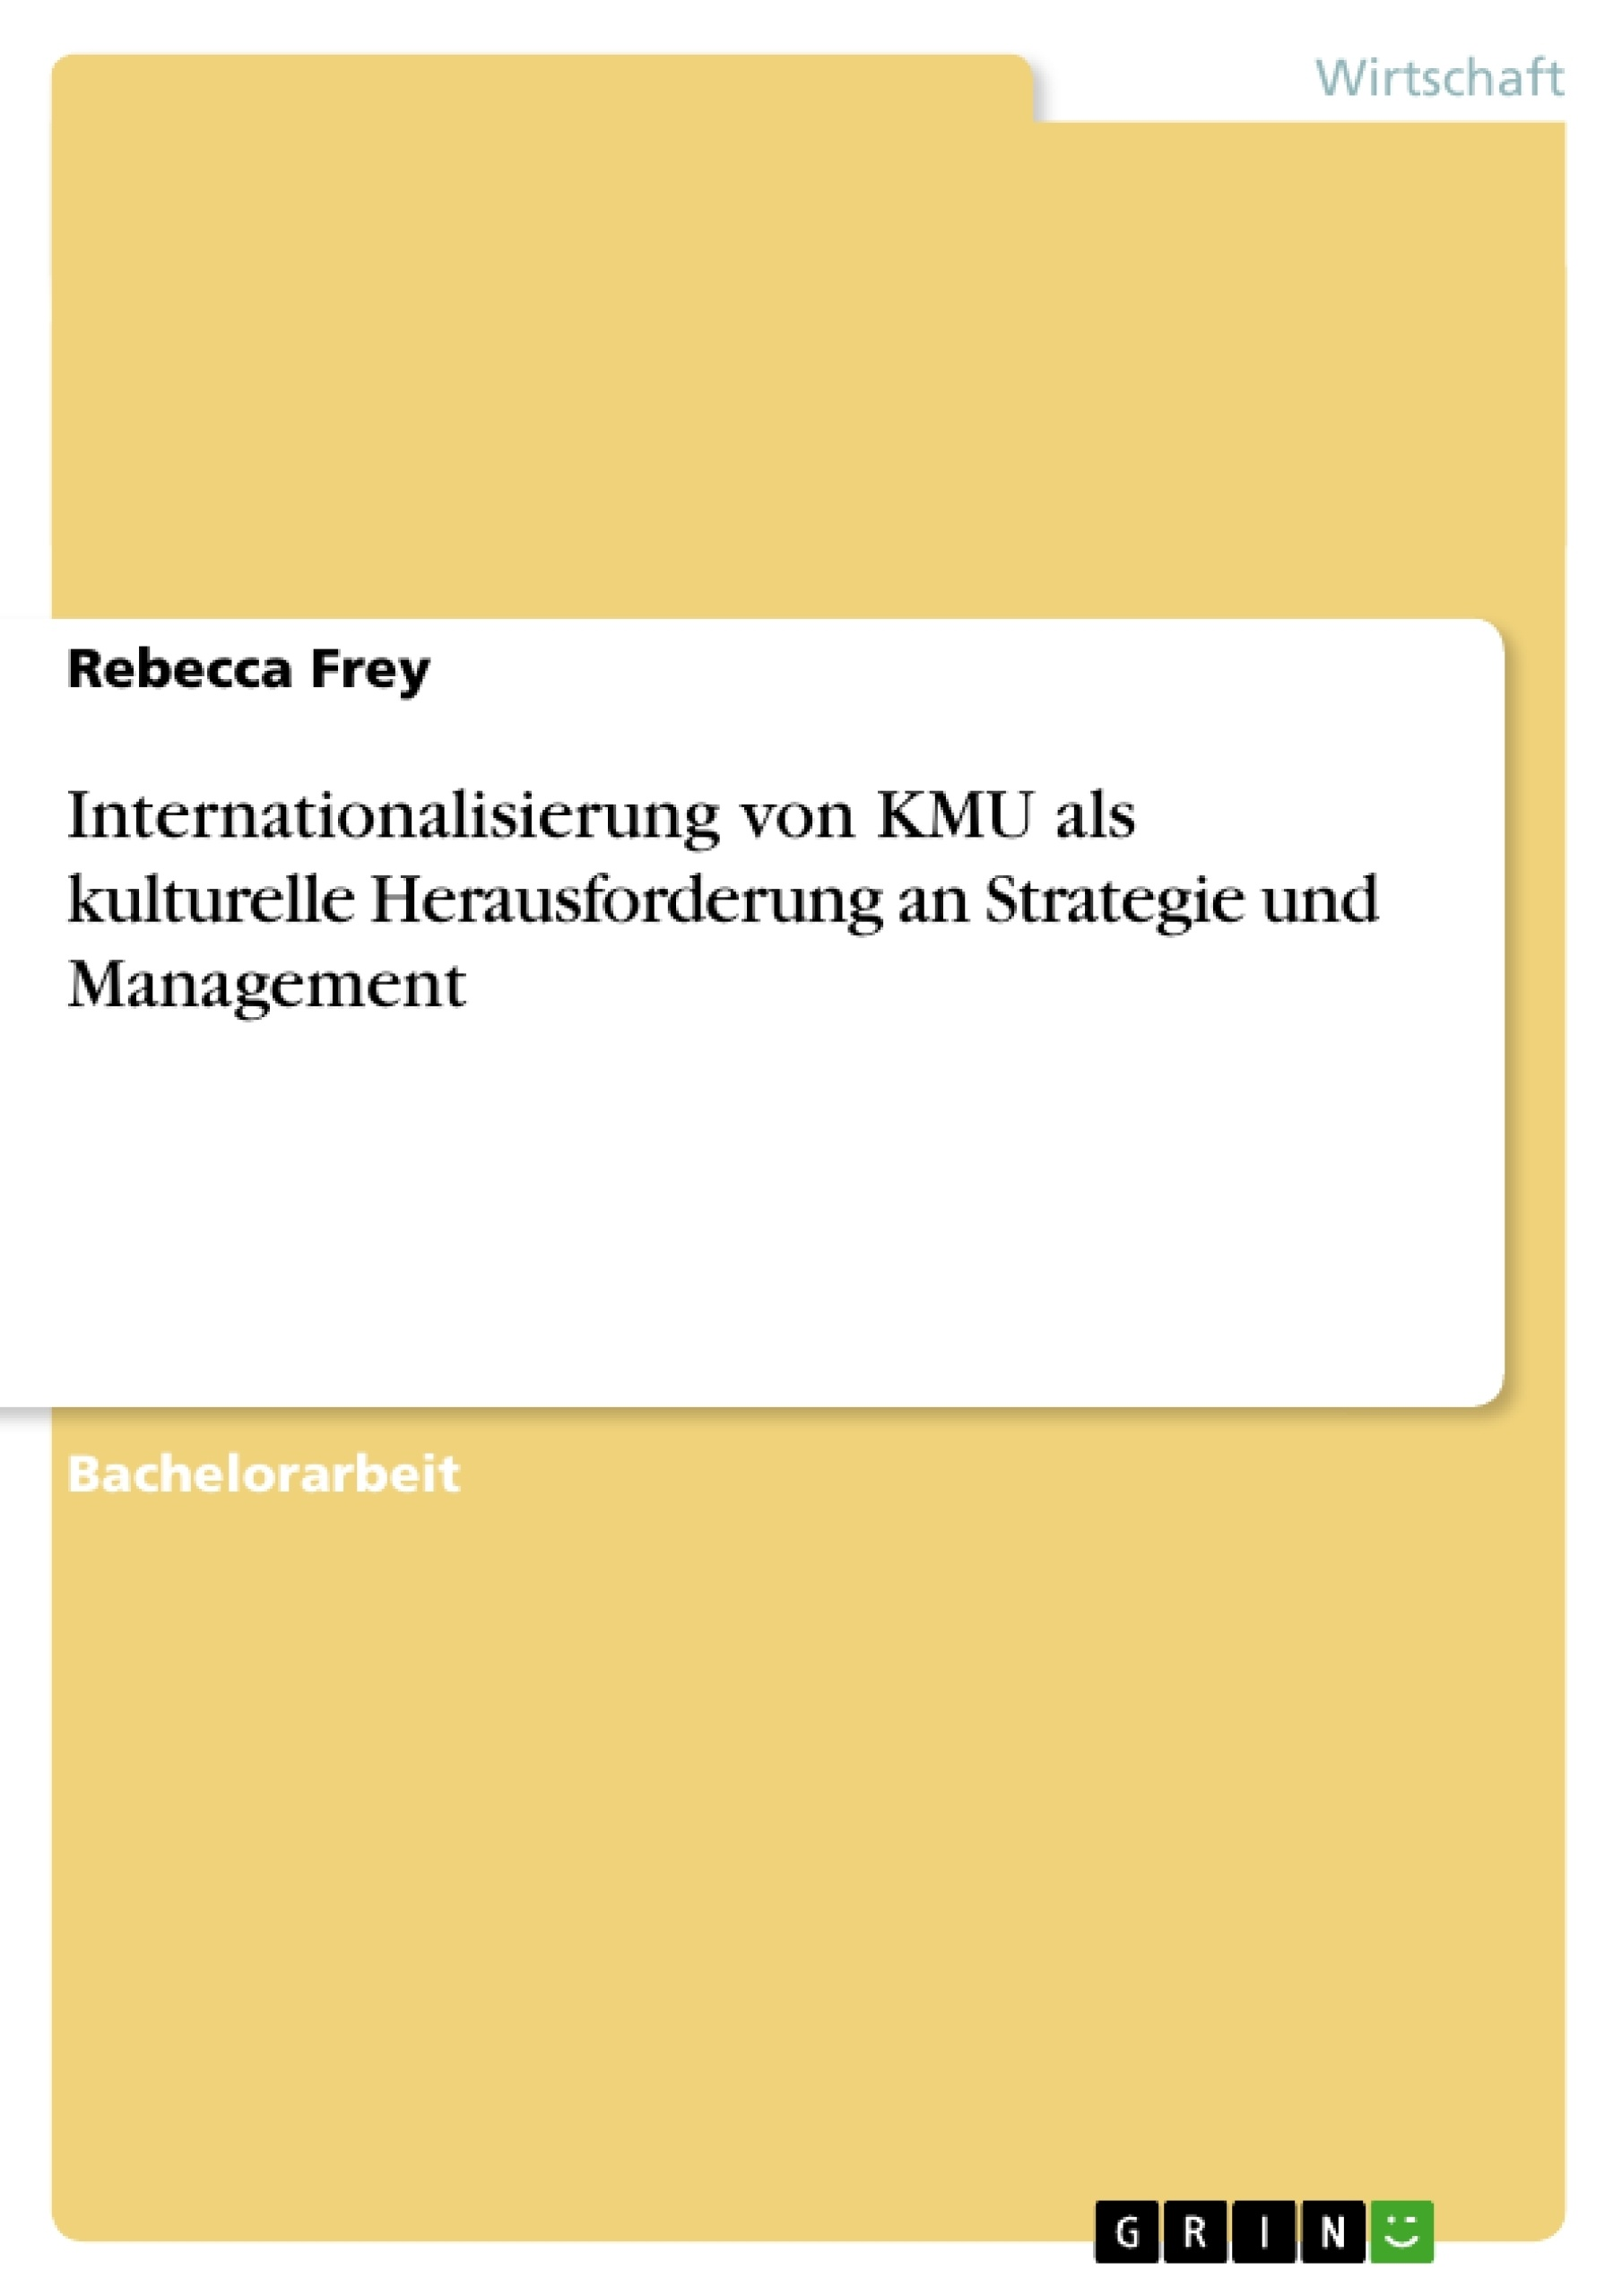 Titel: Internationalisierung von KMU als kulturelle Herausforderung an Strategie und Management